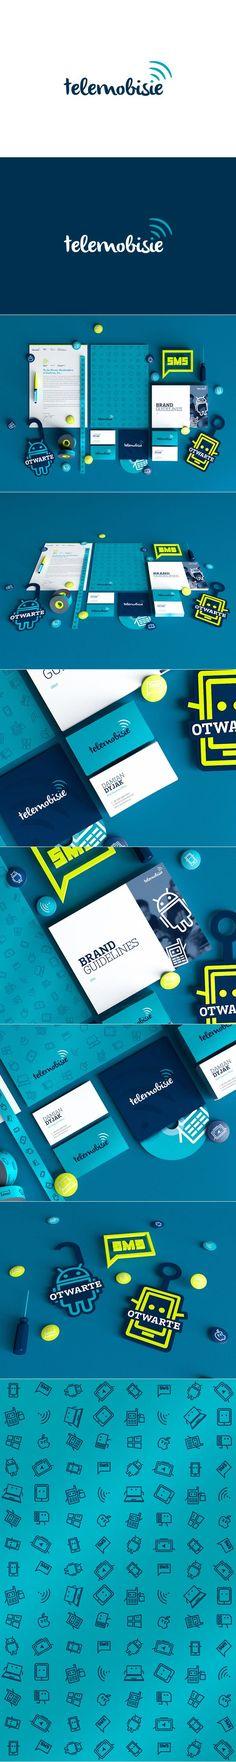 Telemobisie visual identity and branding designed by Gosia Zalot and Wojciech Zalot, via Behance. Web Design, Design Typo, Brand Identity Design, Graphic Design Branding, Stationery Design, Typography Design, Packaging Design, Brochure Design, Corporate Design